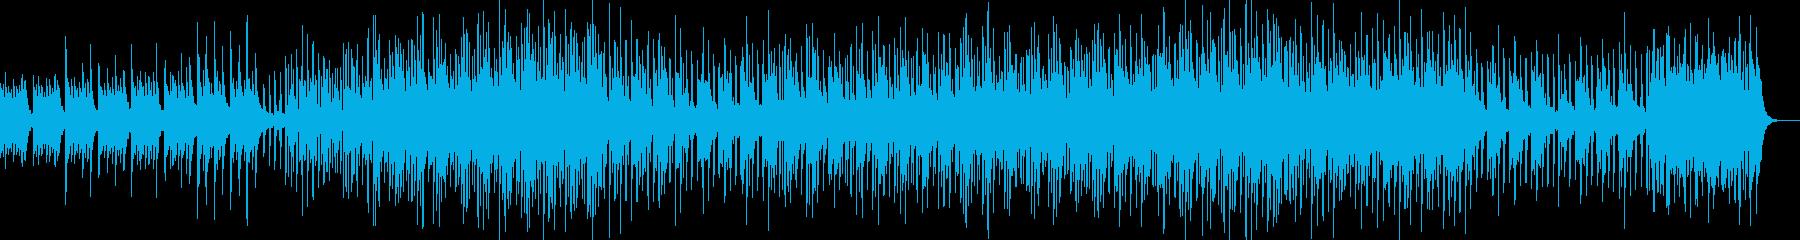 軽快で優しいミニマルなピアノ曲の再生済みの波形